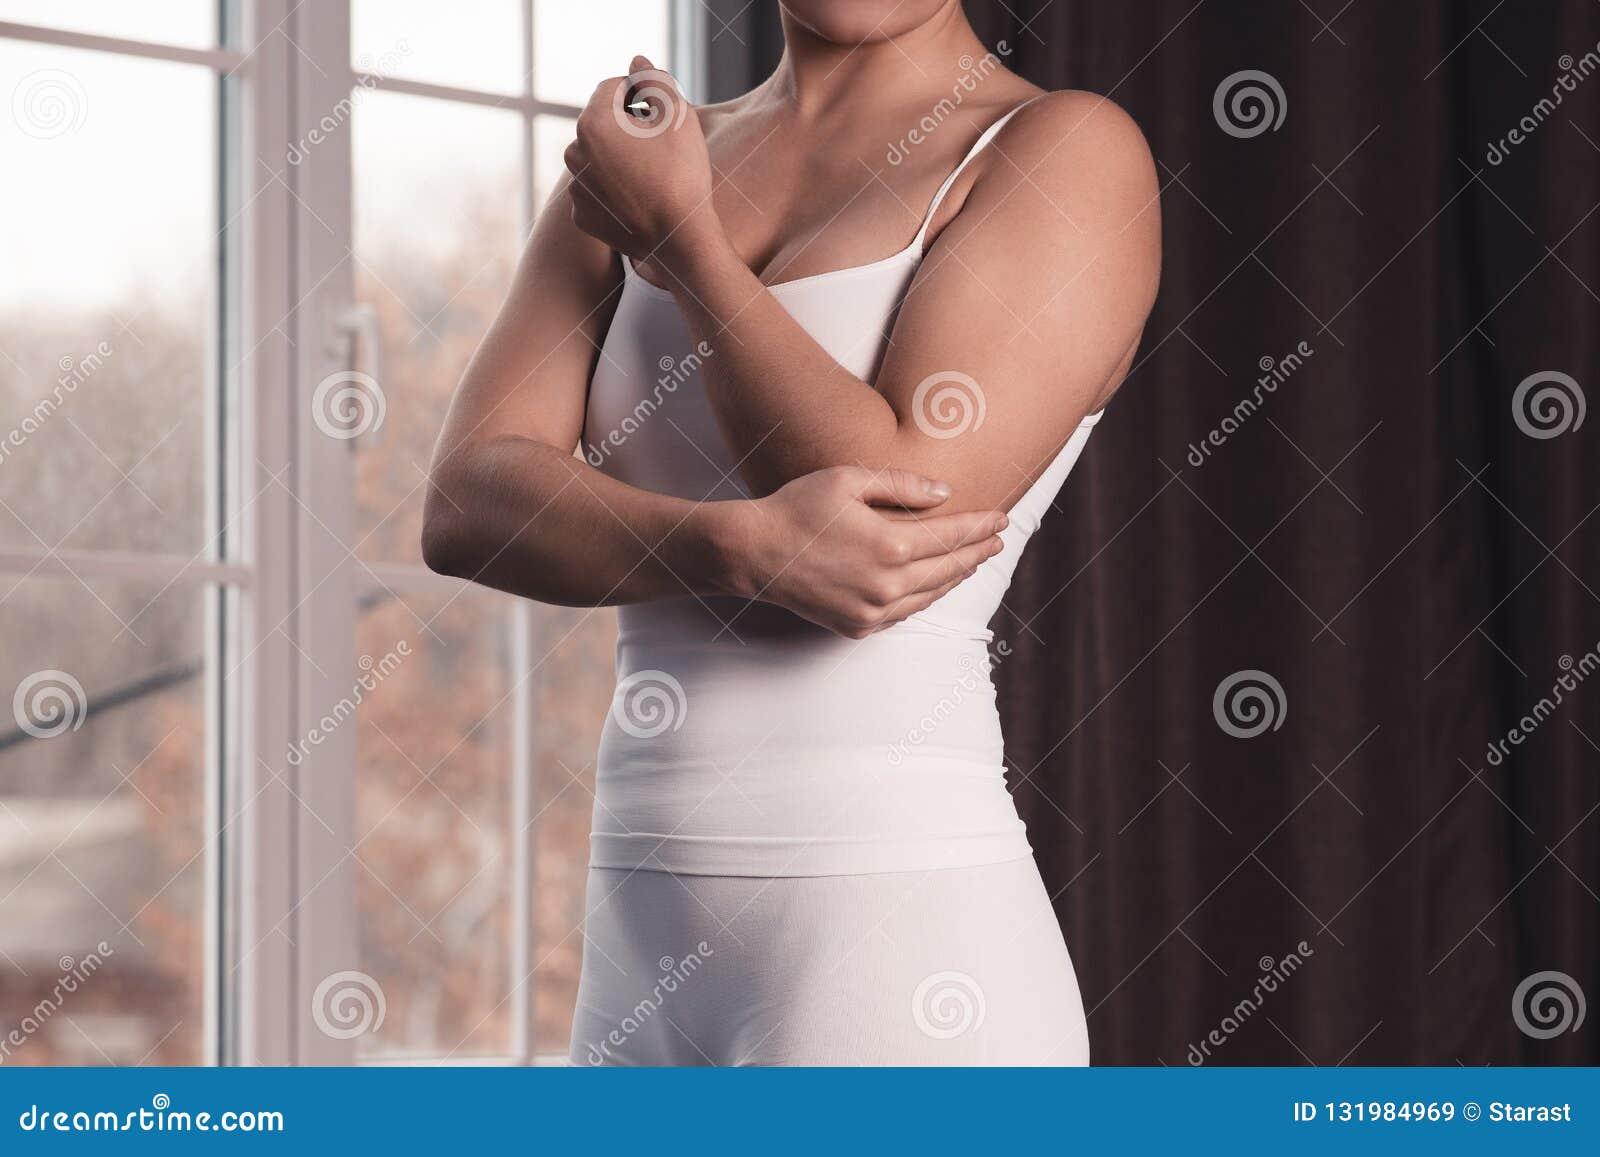 Γυναίκα με τον πόνο στον αγκώνα, κοινή ανάφλεξη